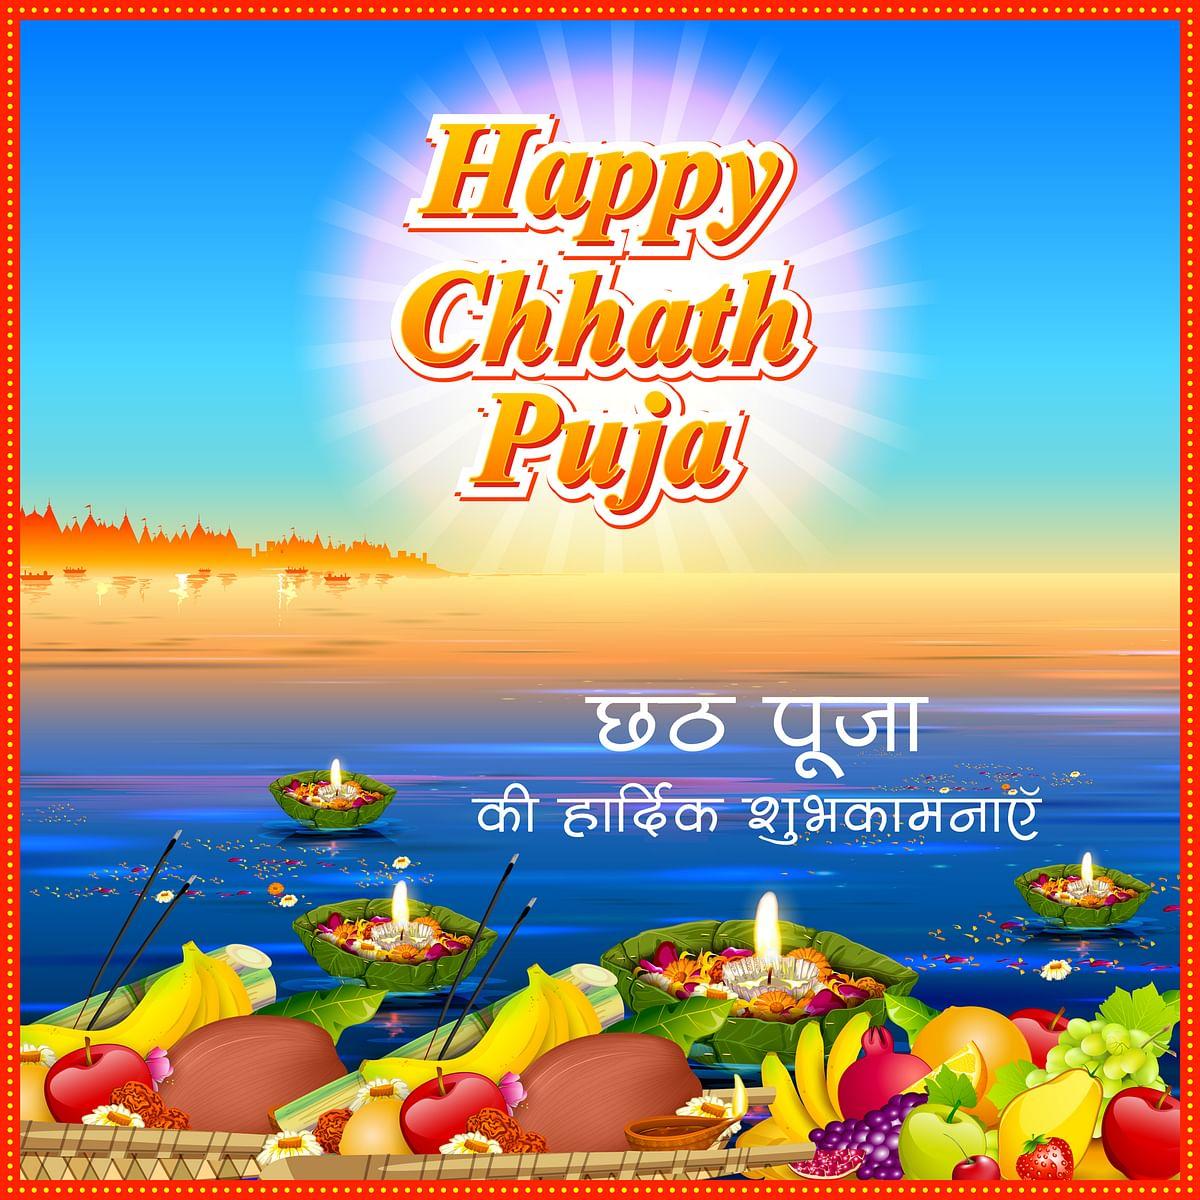 Chhath Puja 2019 Greetings in Hindi